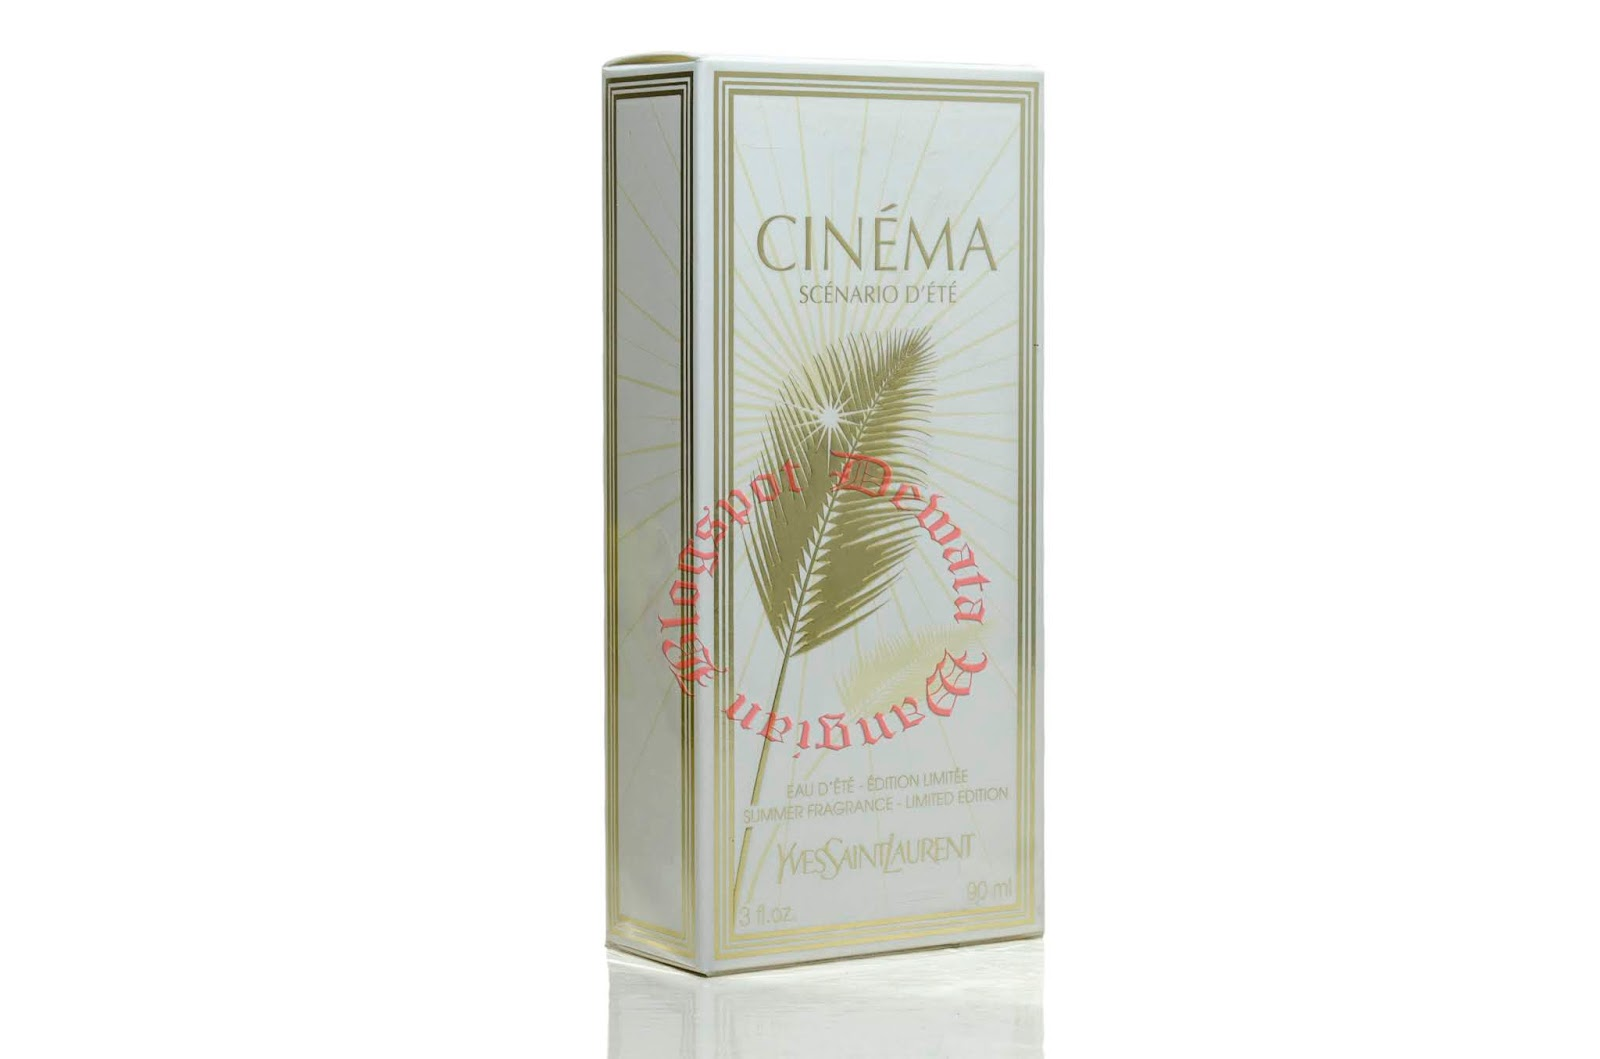 Wangianperfume Cosmetic Original Terbaik Cinema Scenario Dete